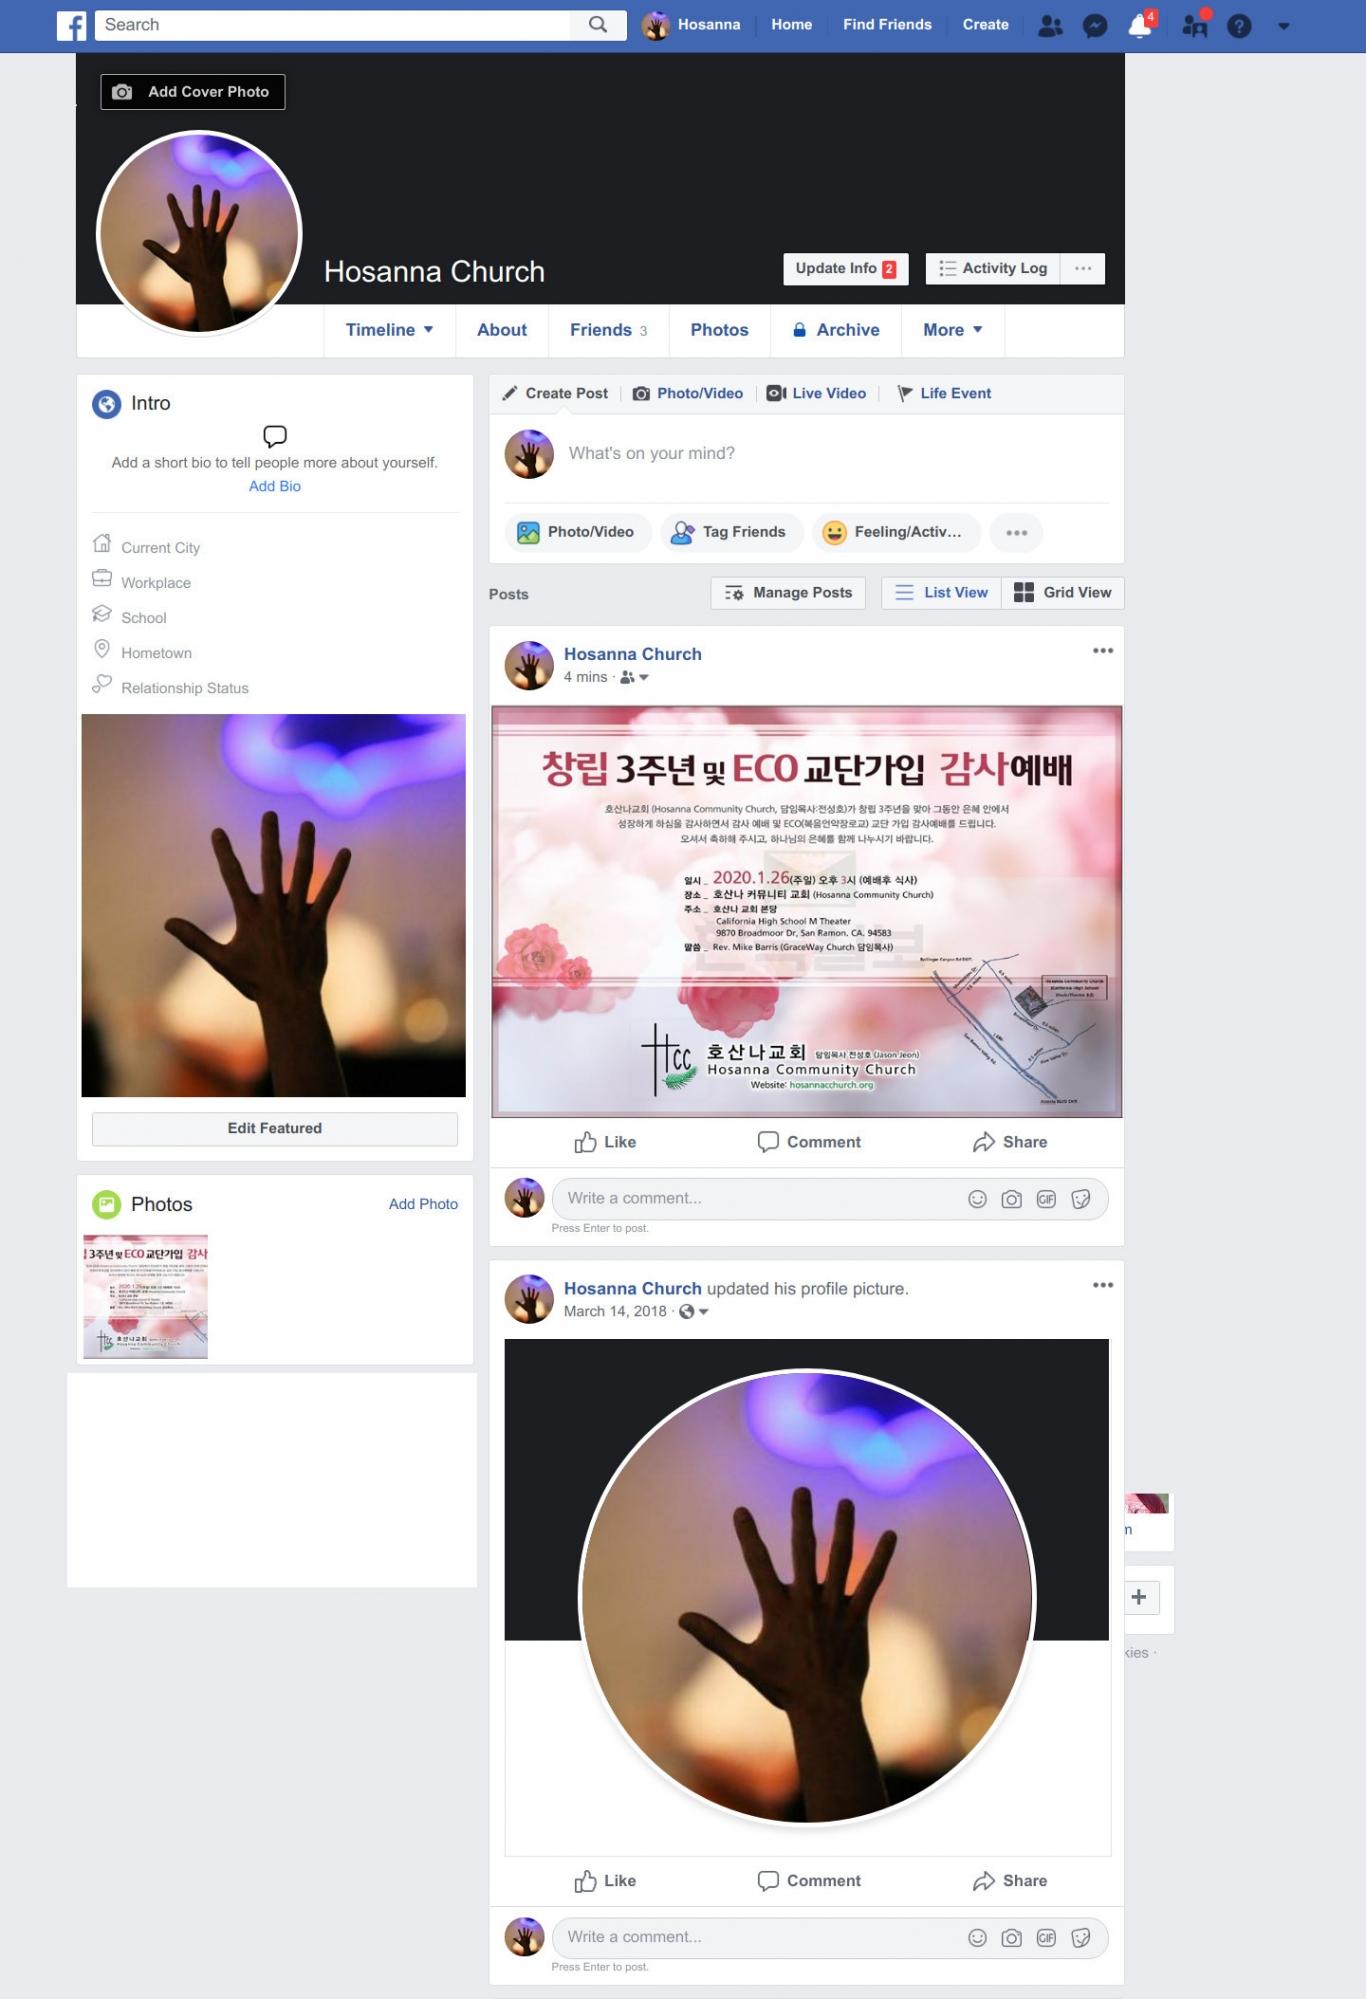 hcc_facebook.jpg